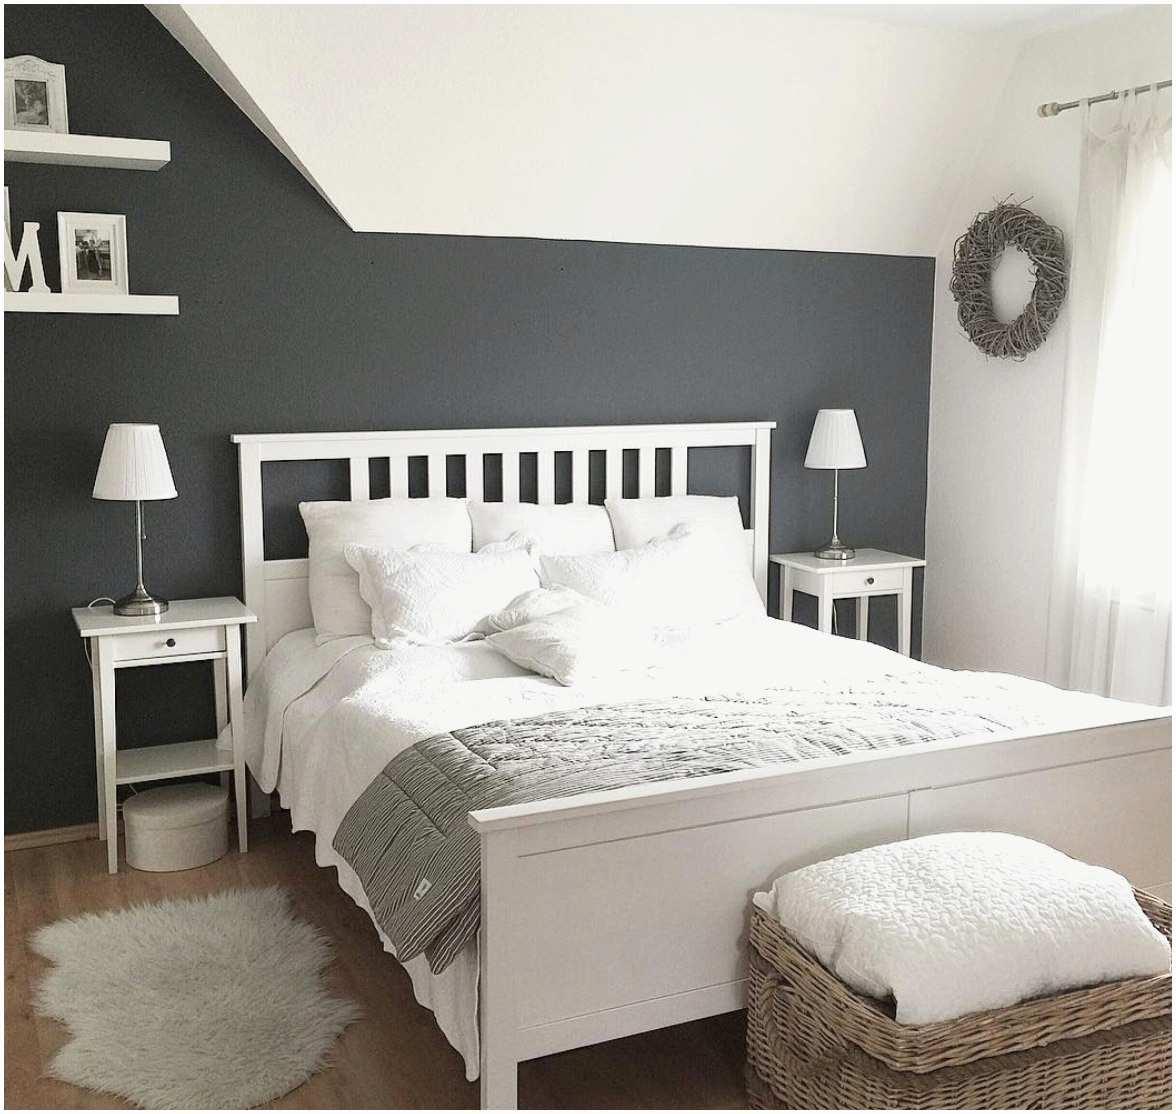 wand streichen ideen schlafzimmer wnde lovely stilvoll fur wand streichen ideen schlafzimmer wande lovely designs zum codecafe of